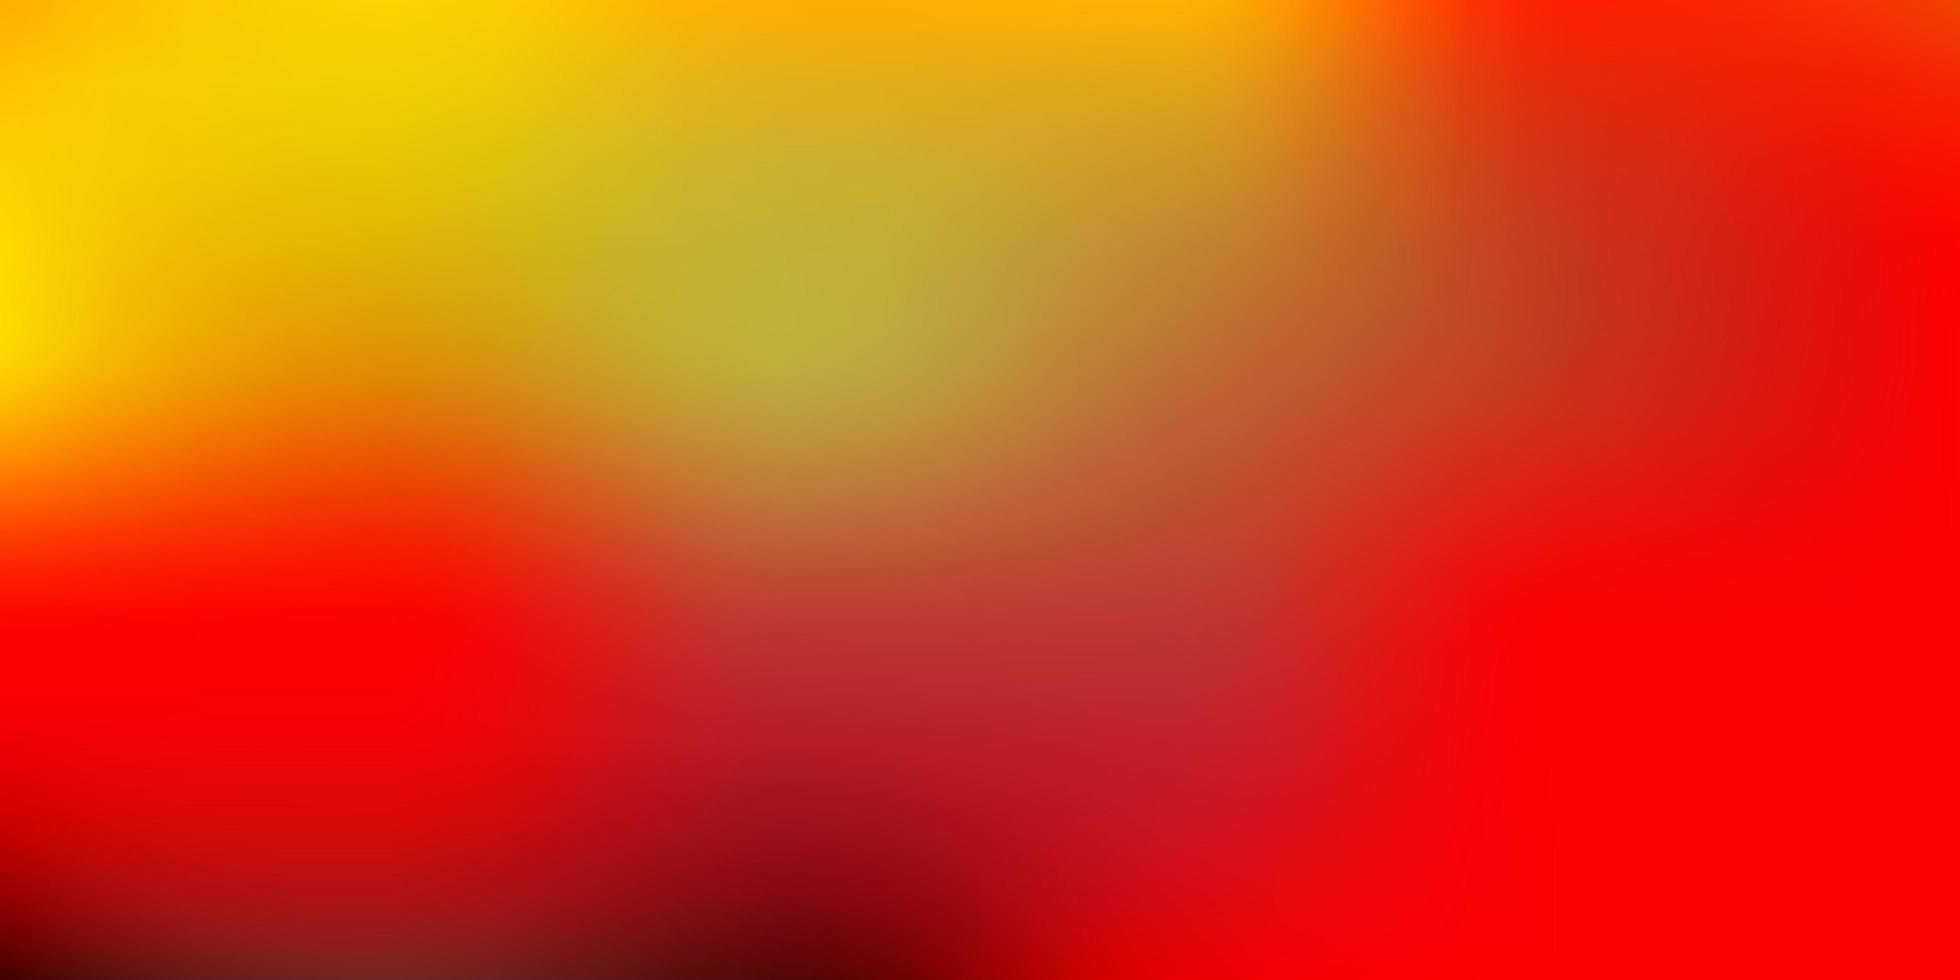 padrão de desfoque de gradiente vermelho e amarelo. vetor